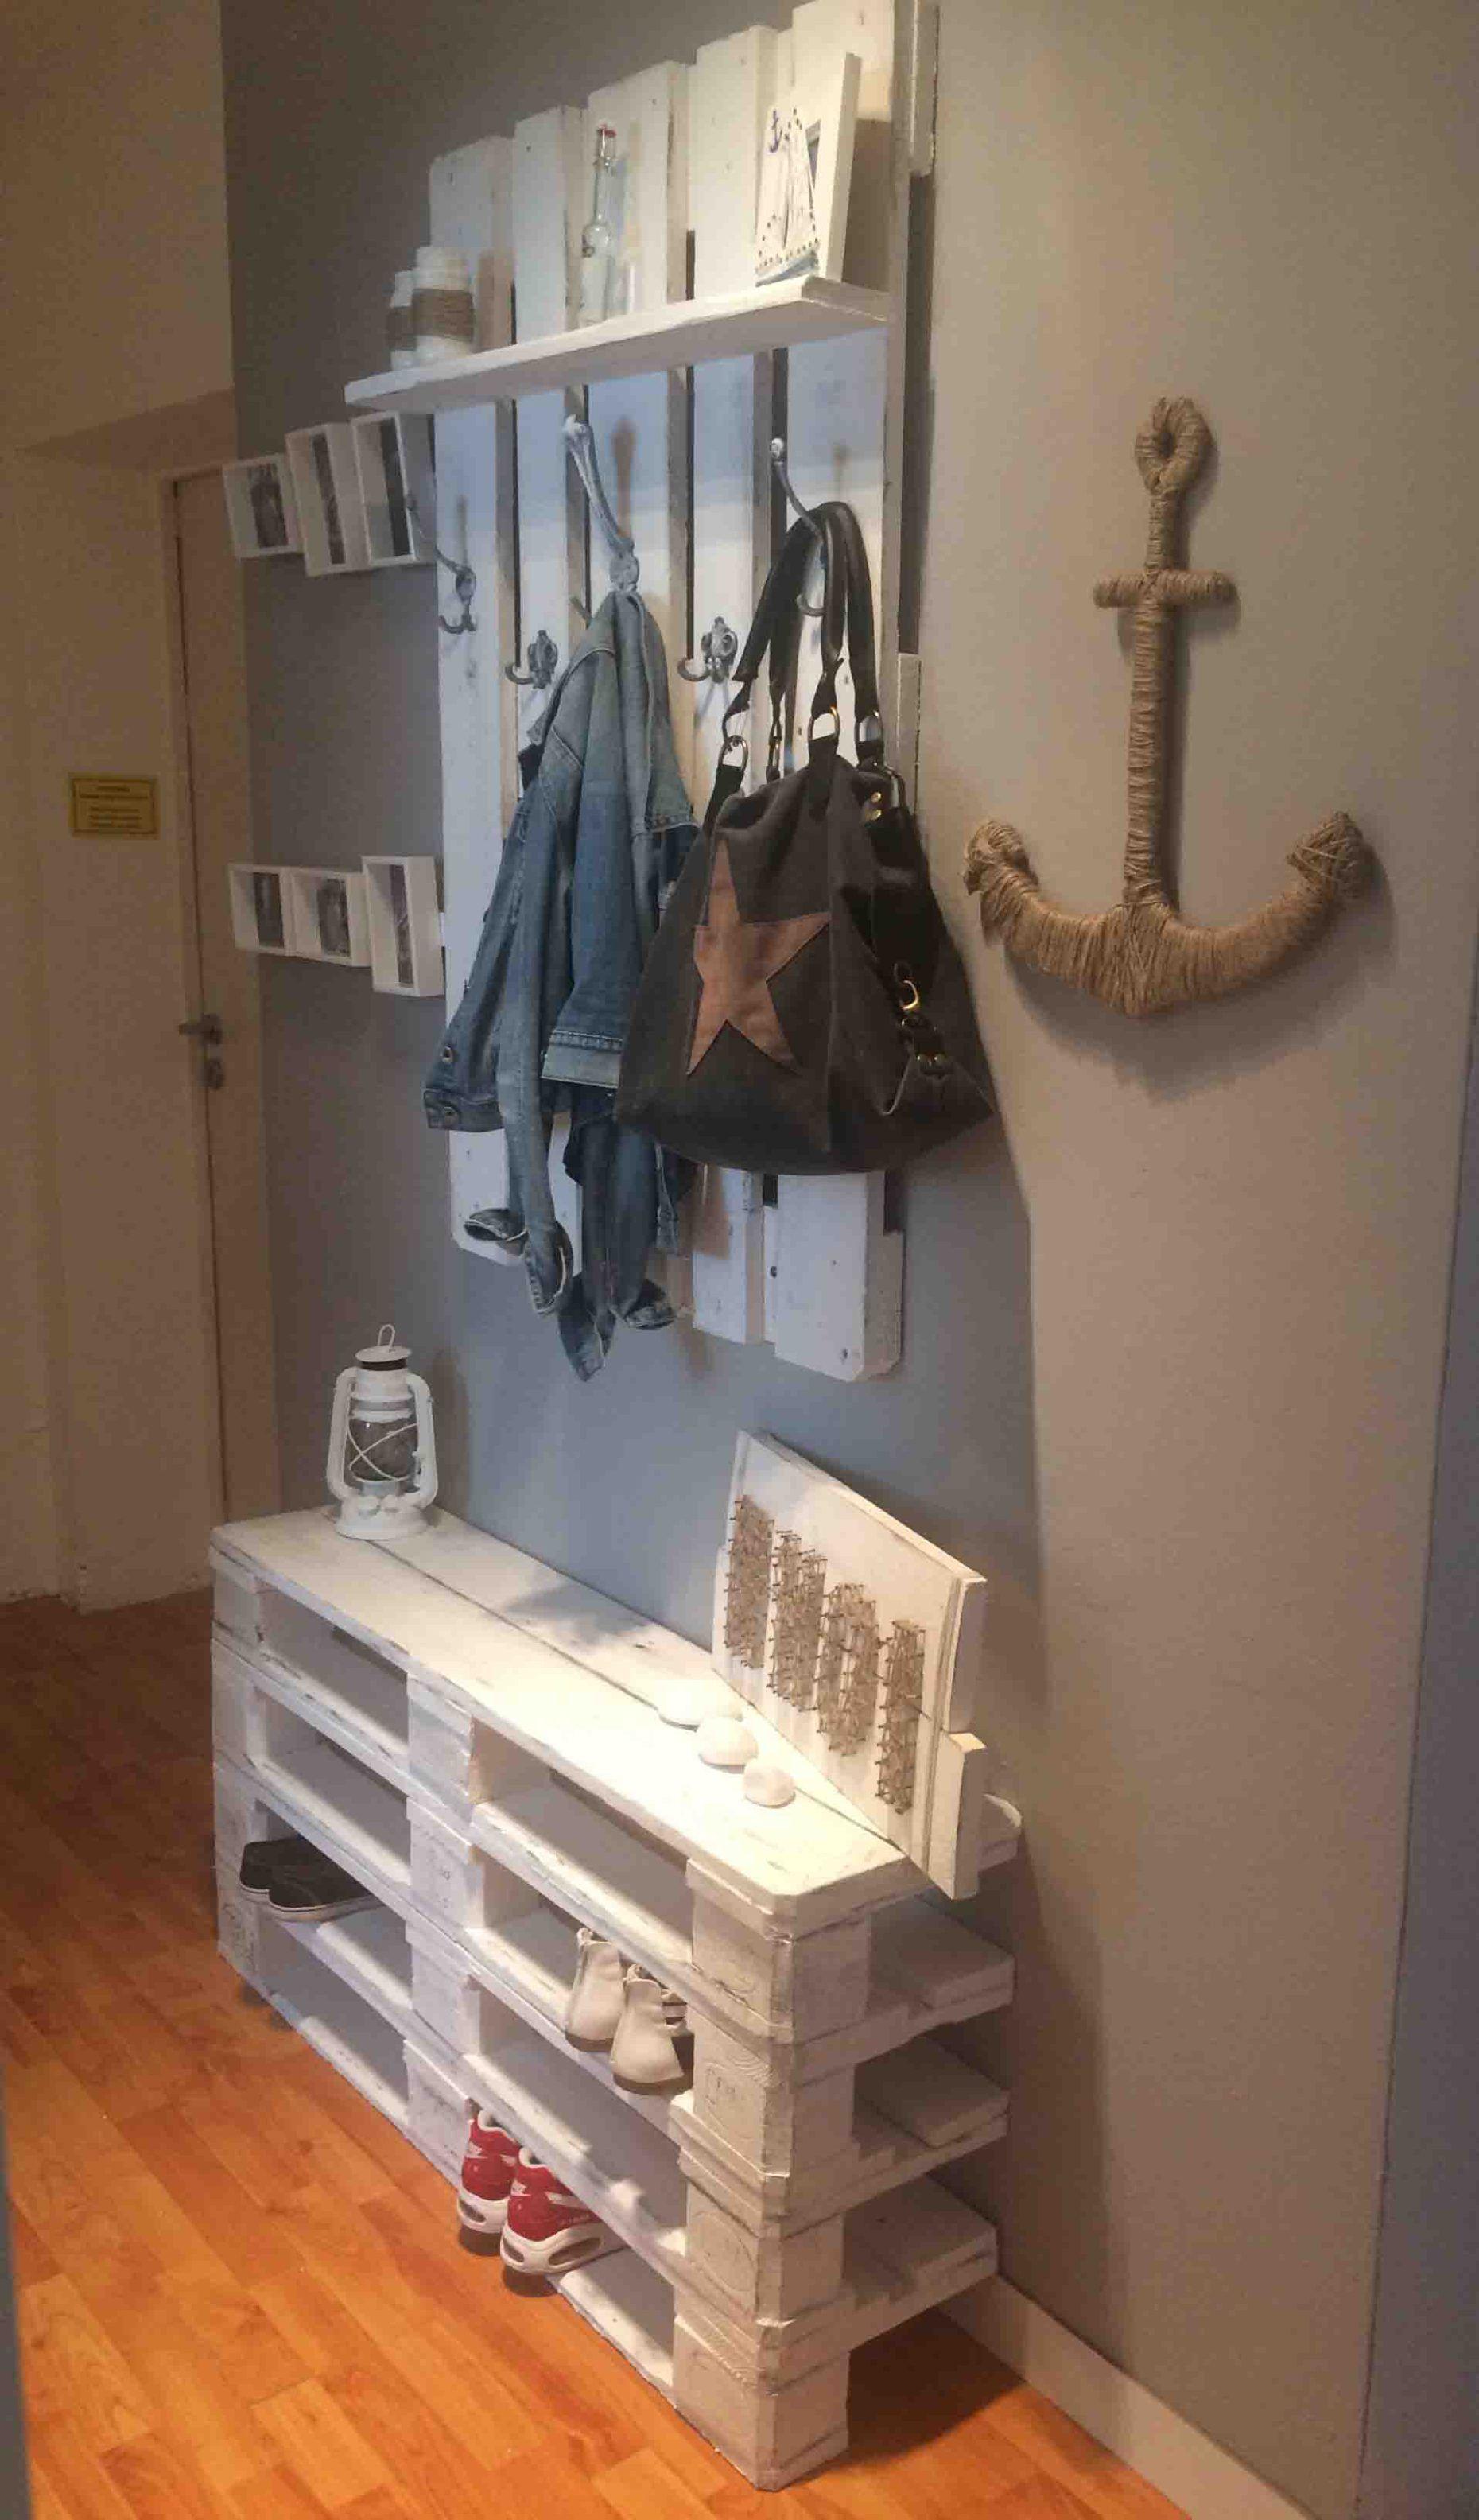 m bel aus paletten liegen aktuell voll im trend man kann aus ihnen die verschiedensten m bel. Black Bedroom Furniture Sets. Home Design Ideas